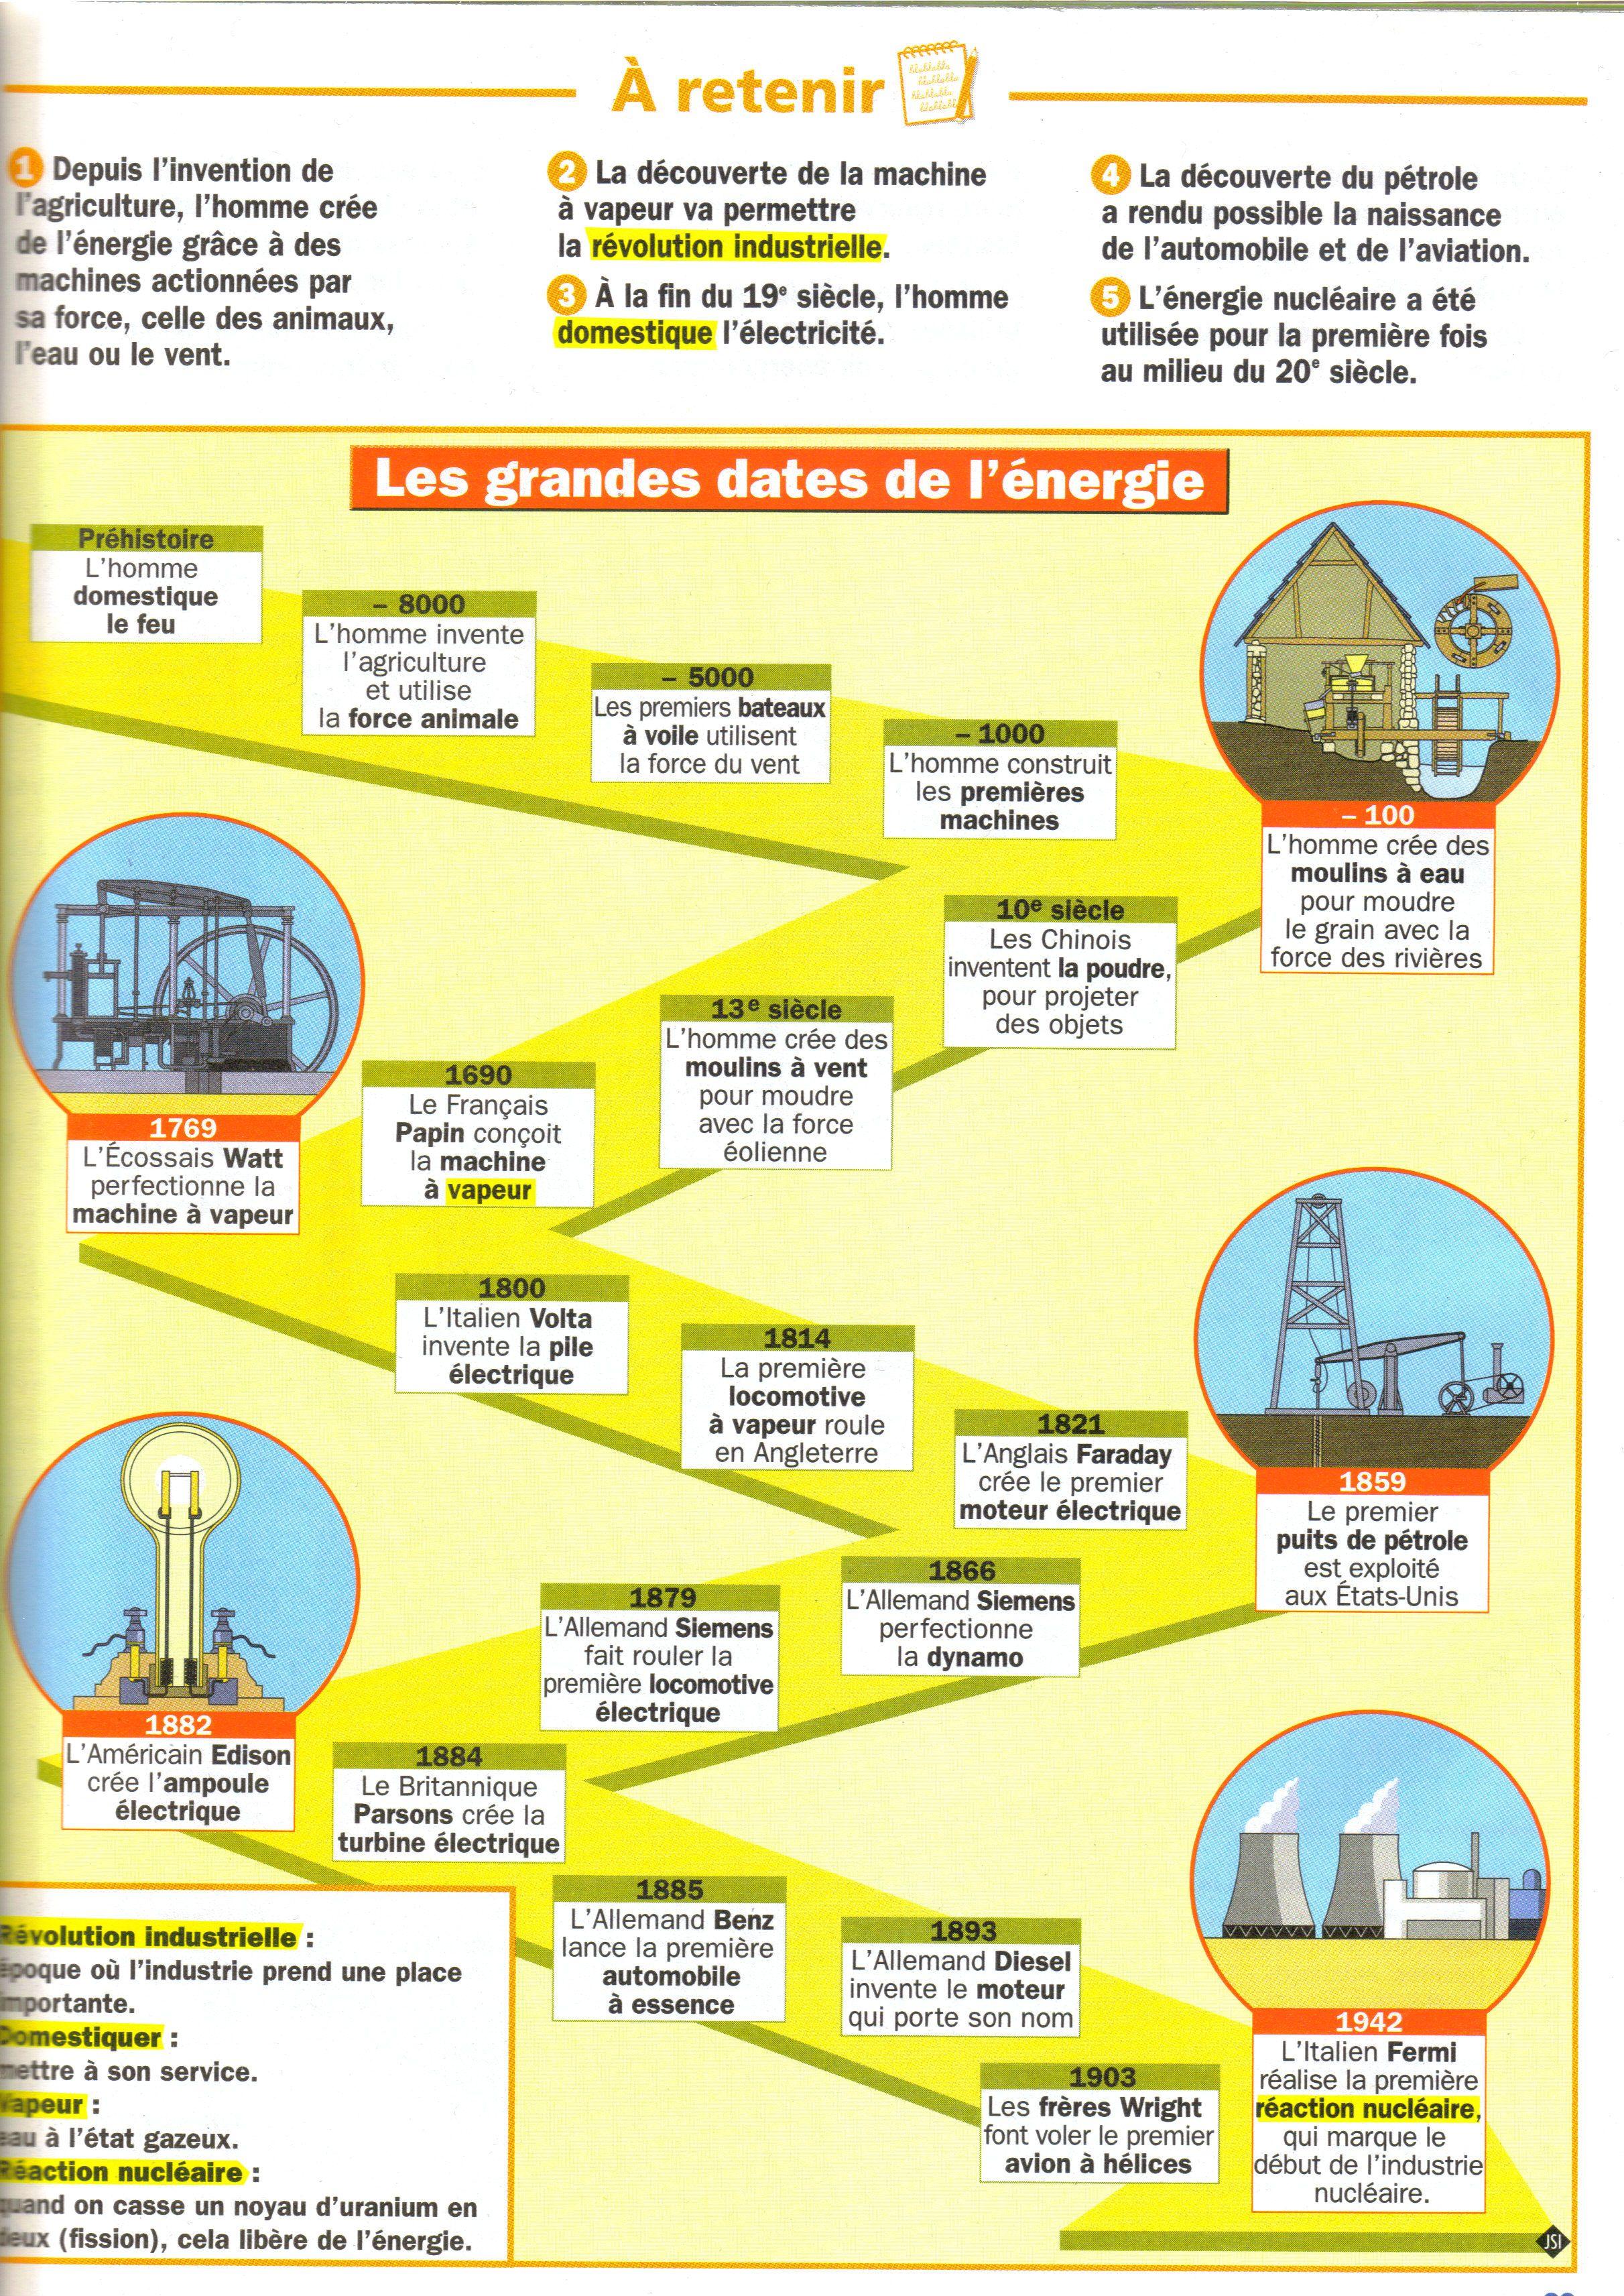 Les Grandes Dates De L Energie Enseignement De L Histoire Technologie College Culture Generale